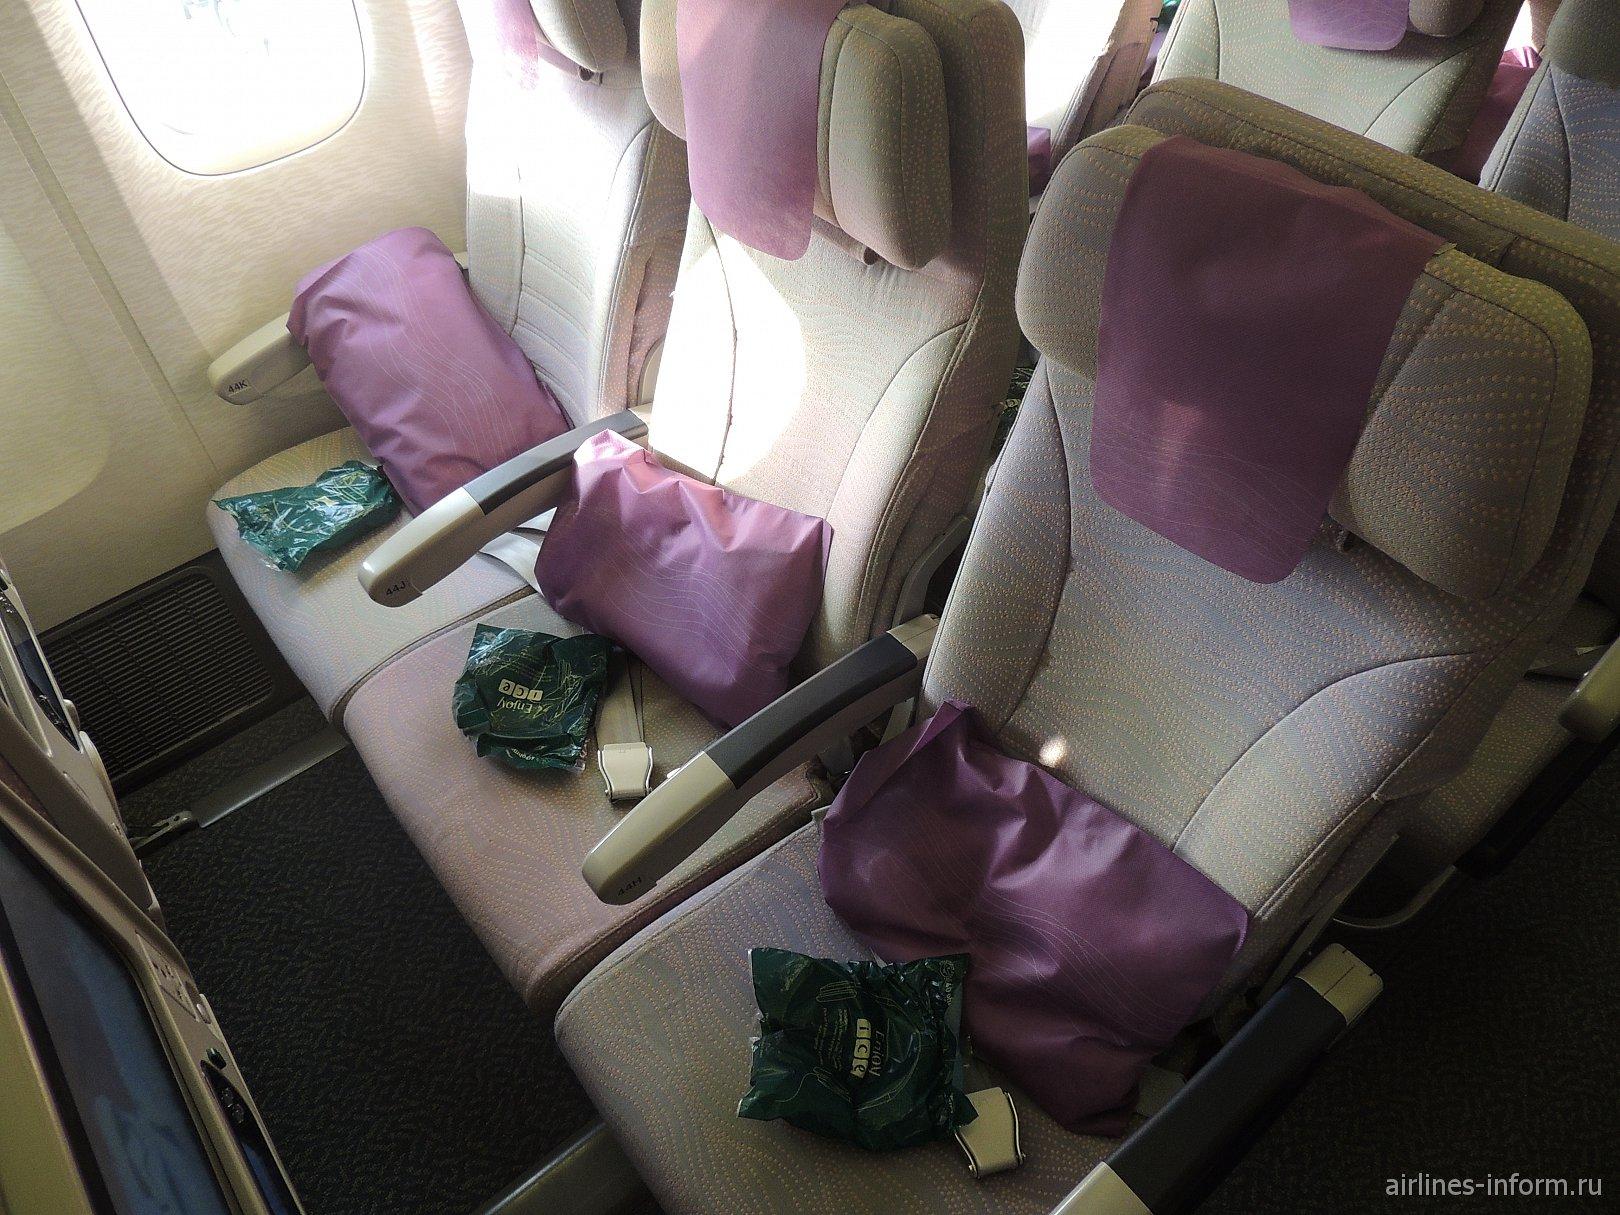 ������ �������������� ������ � ������-777-300 Emirates